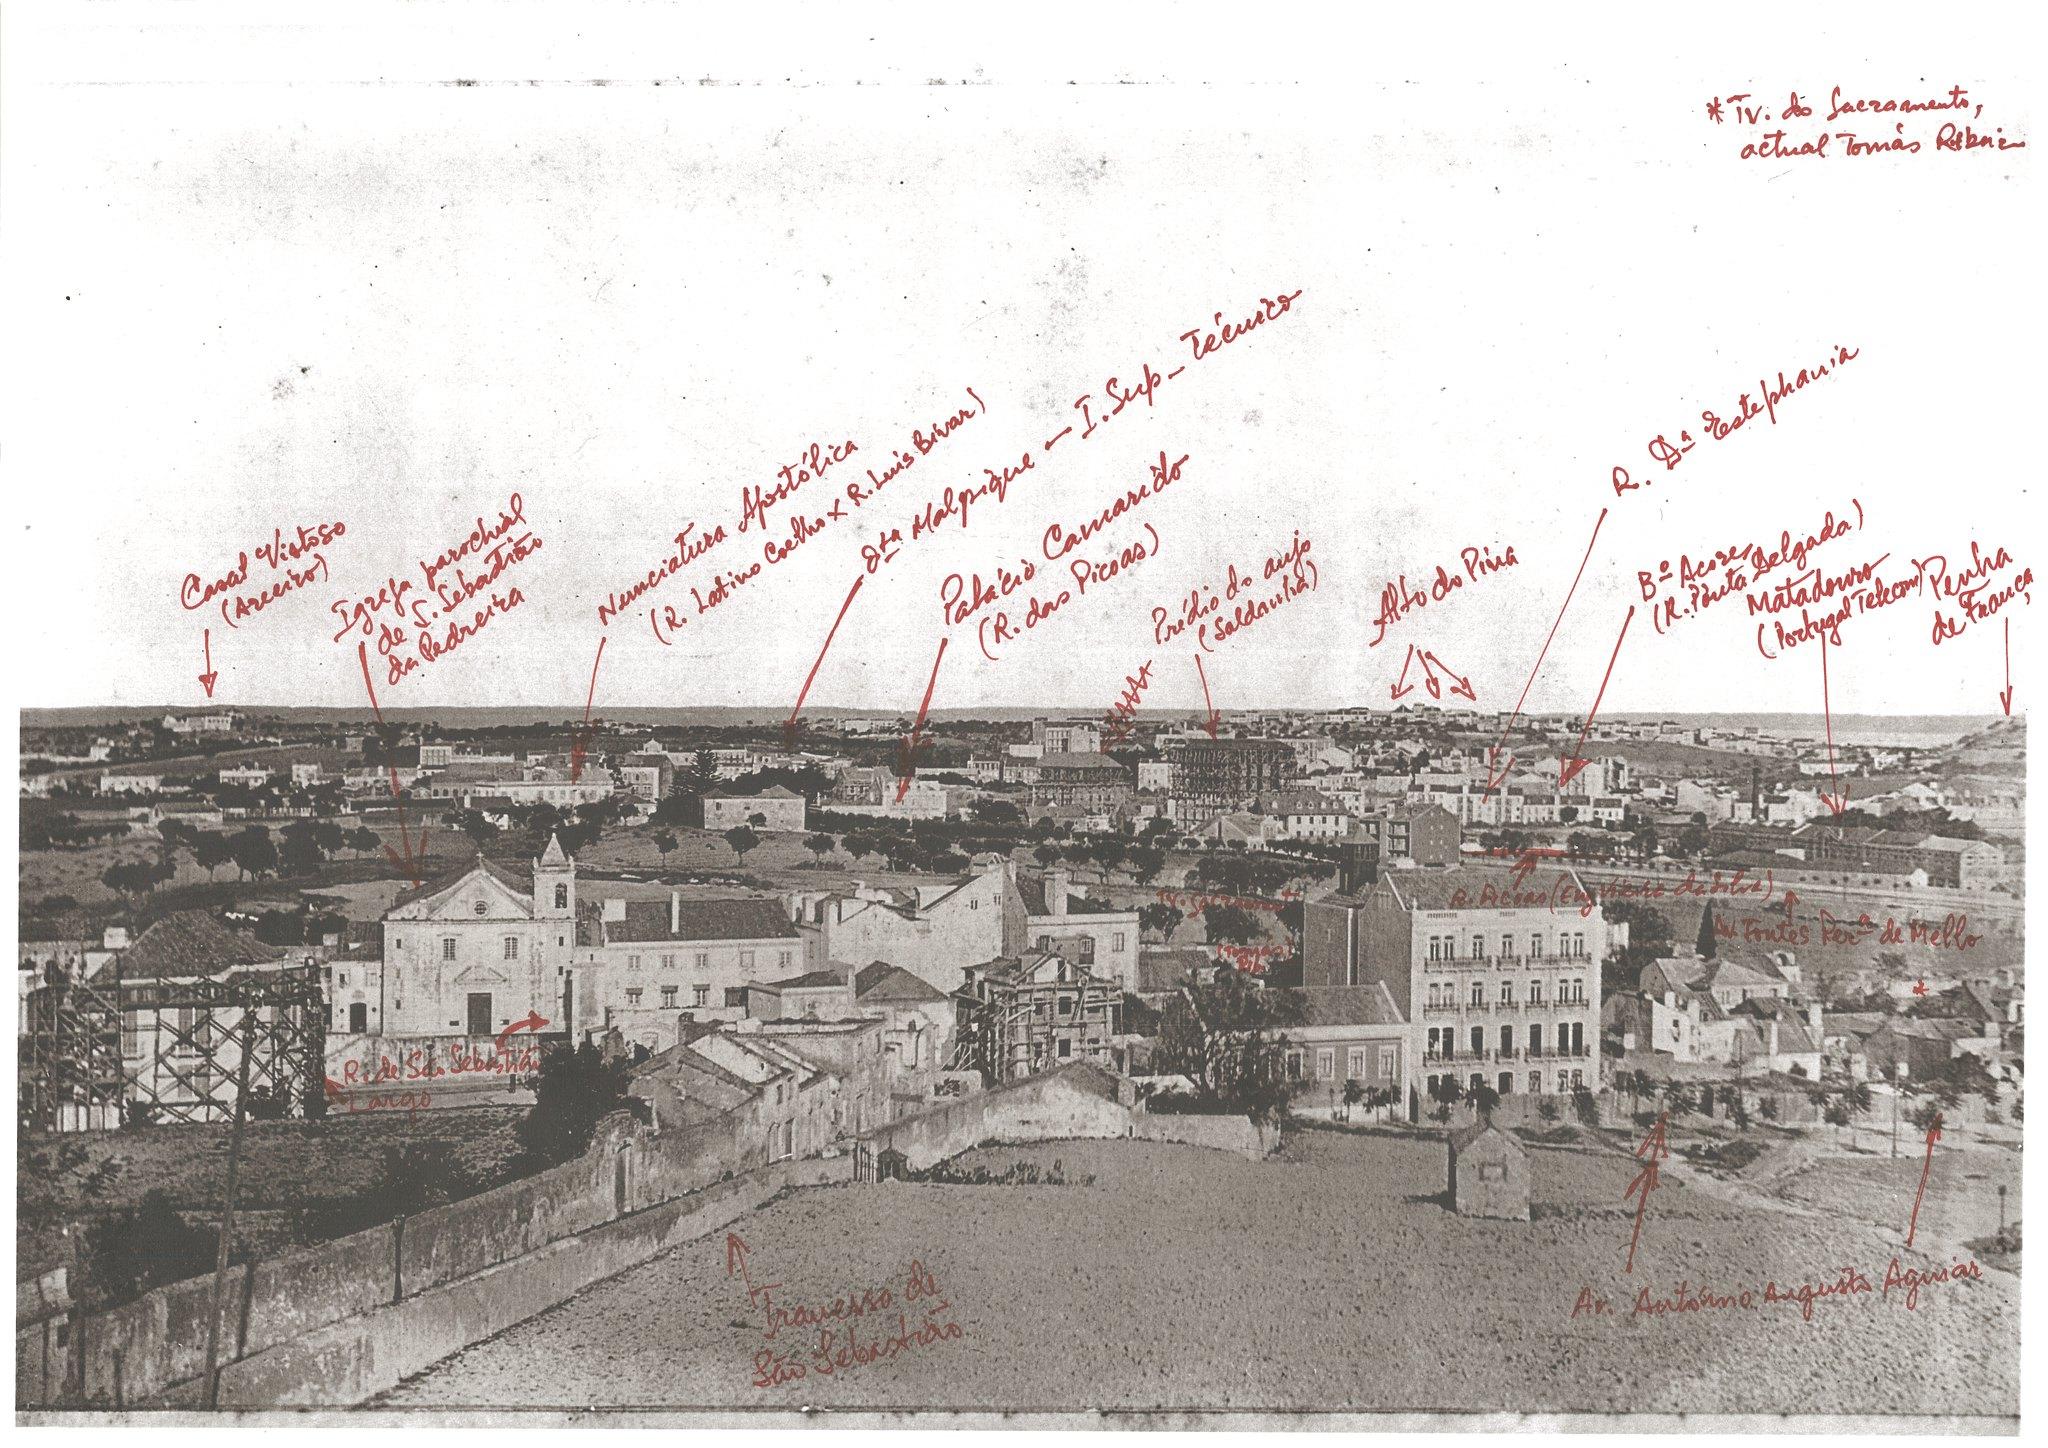 Panorâmica do alto de S. Sebastião, Lisboa (Esp. E. Portugal, c.1900)